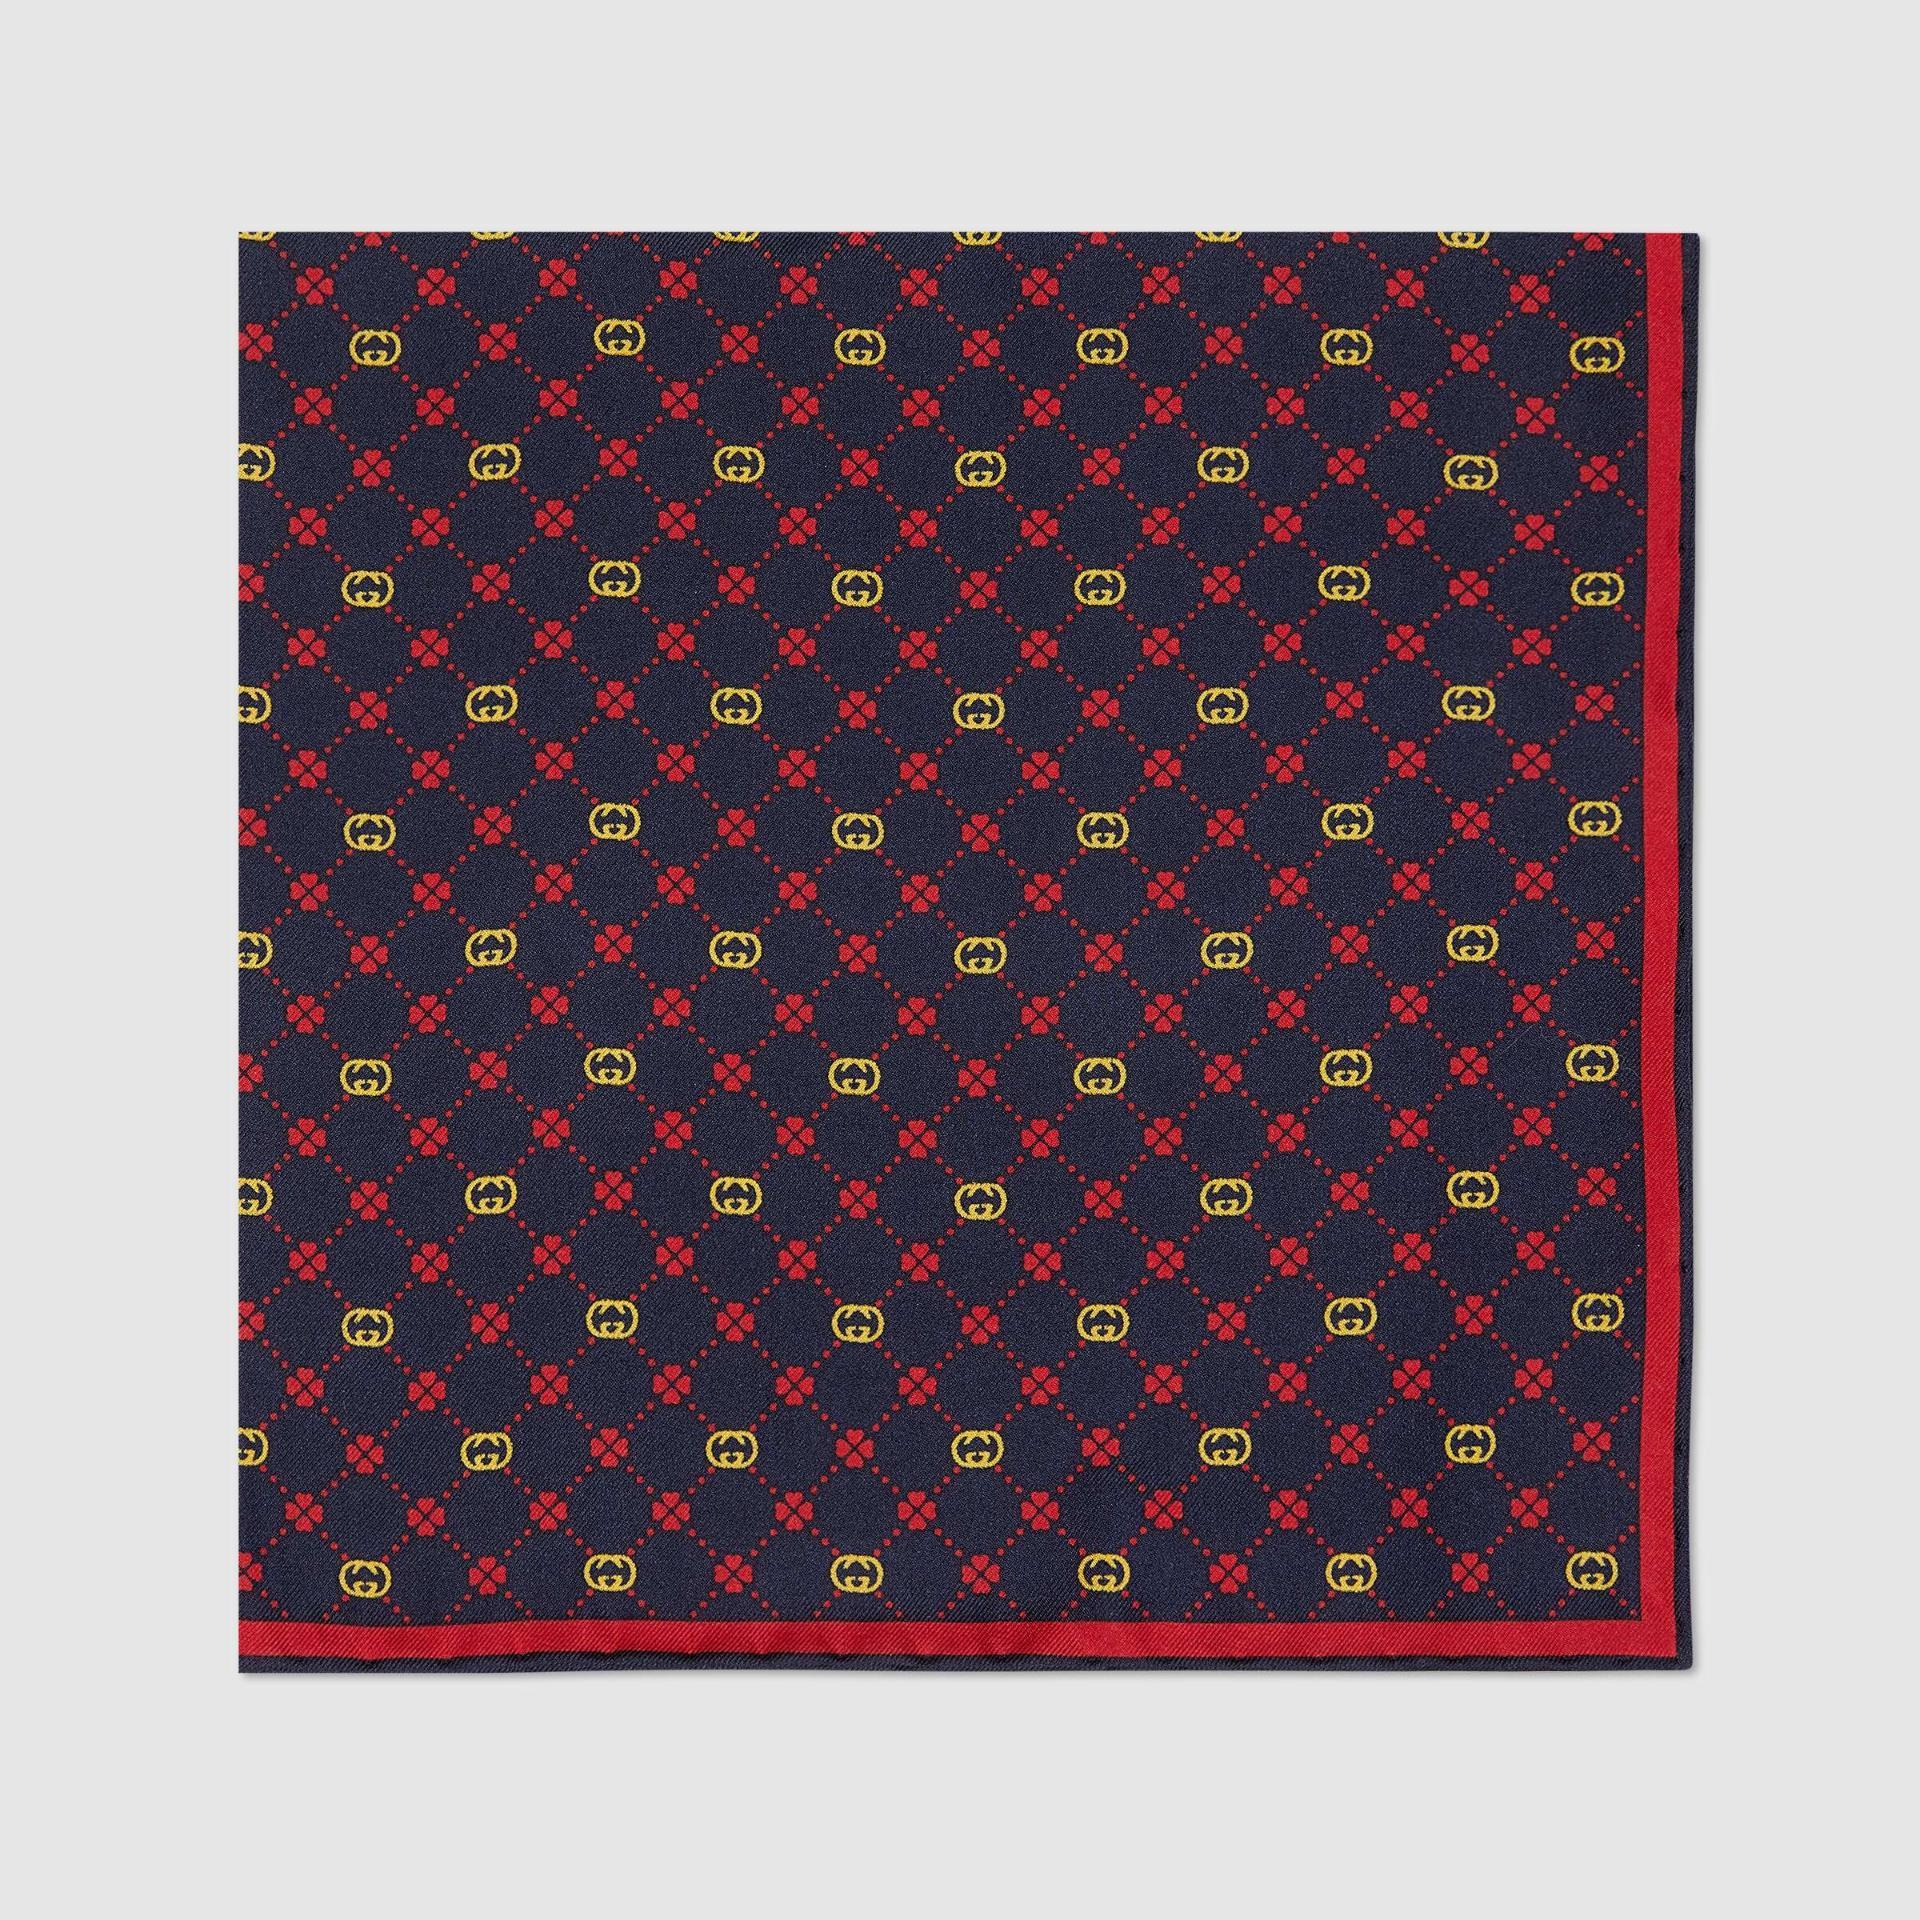 유럽직배송 구찌 GUCCI Gucci Interlocking G silk pocket square 6604254G0014074